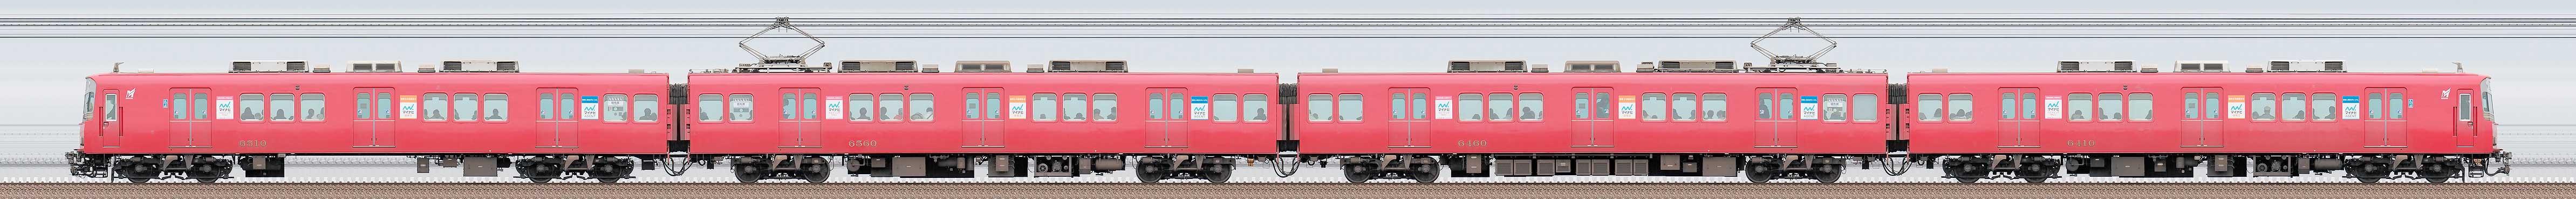 名鉄6500系(3次車)6510編成(海側)の編成サイドビュー